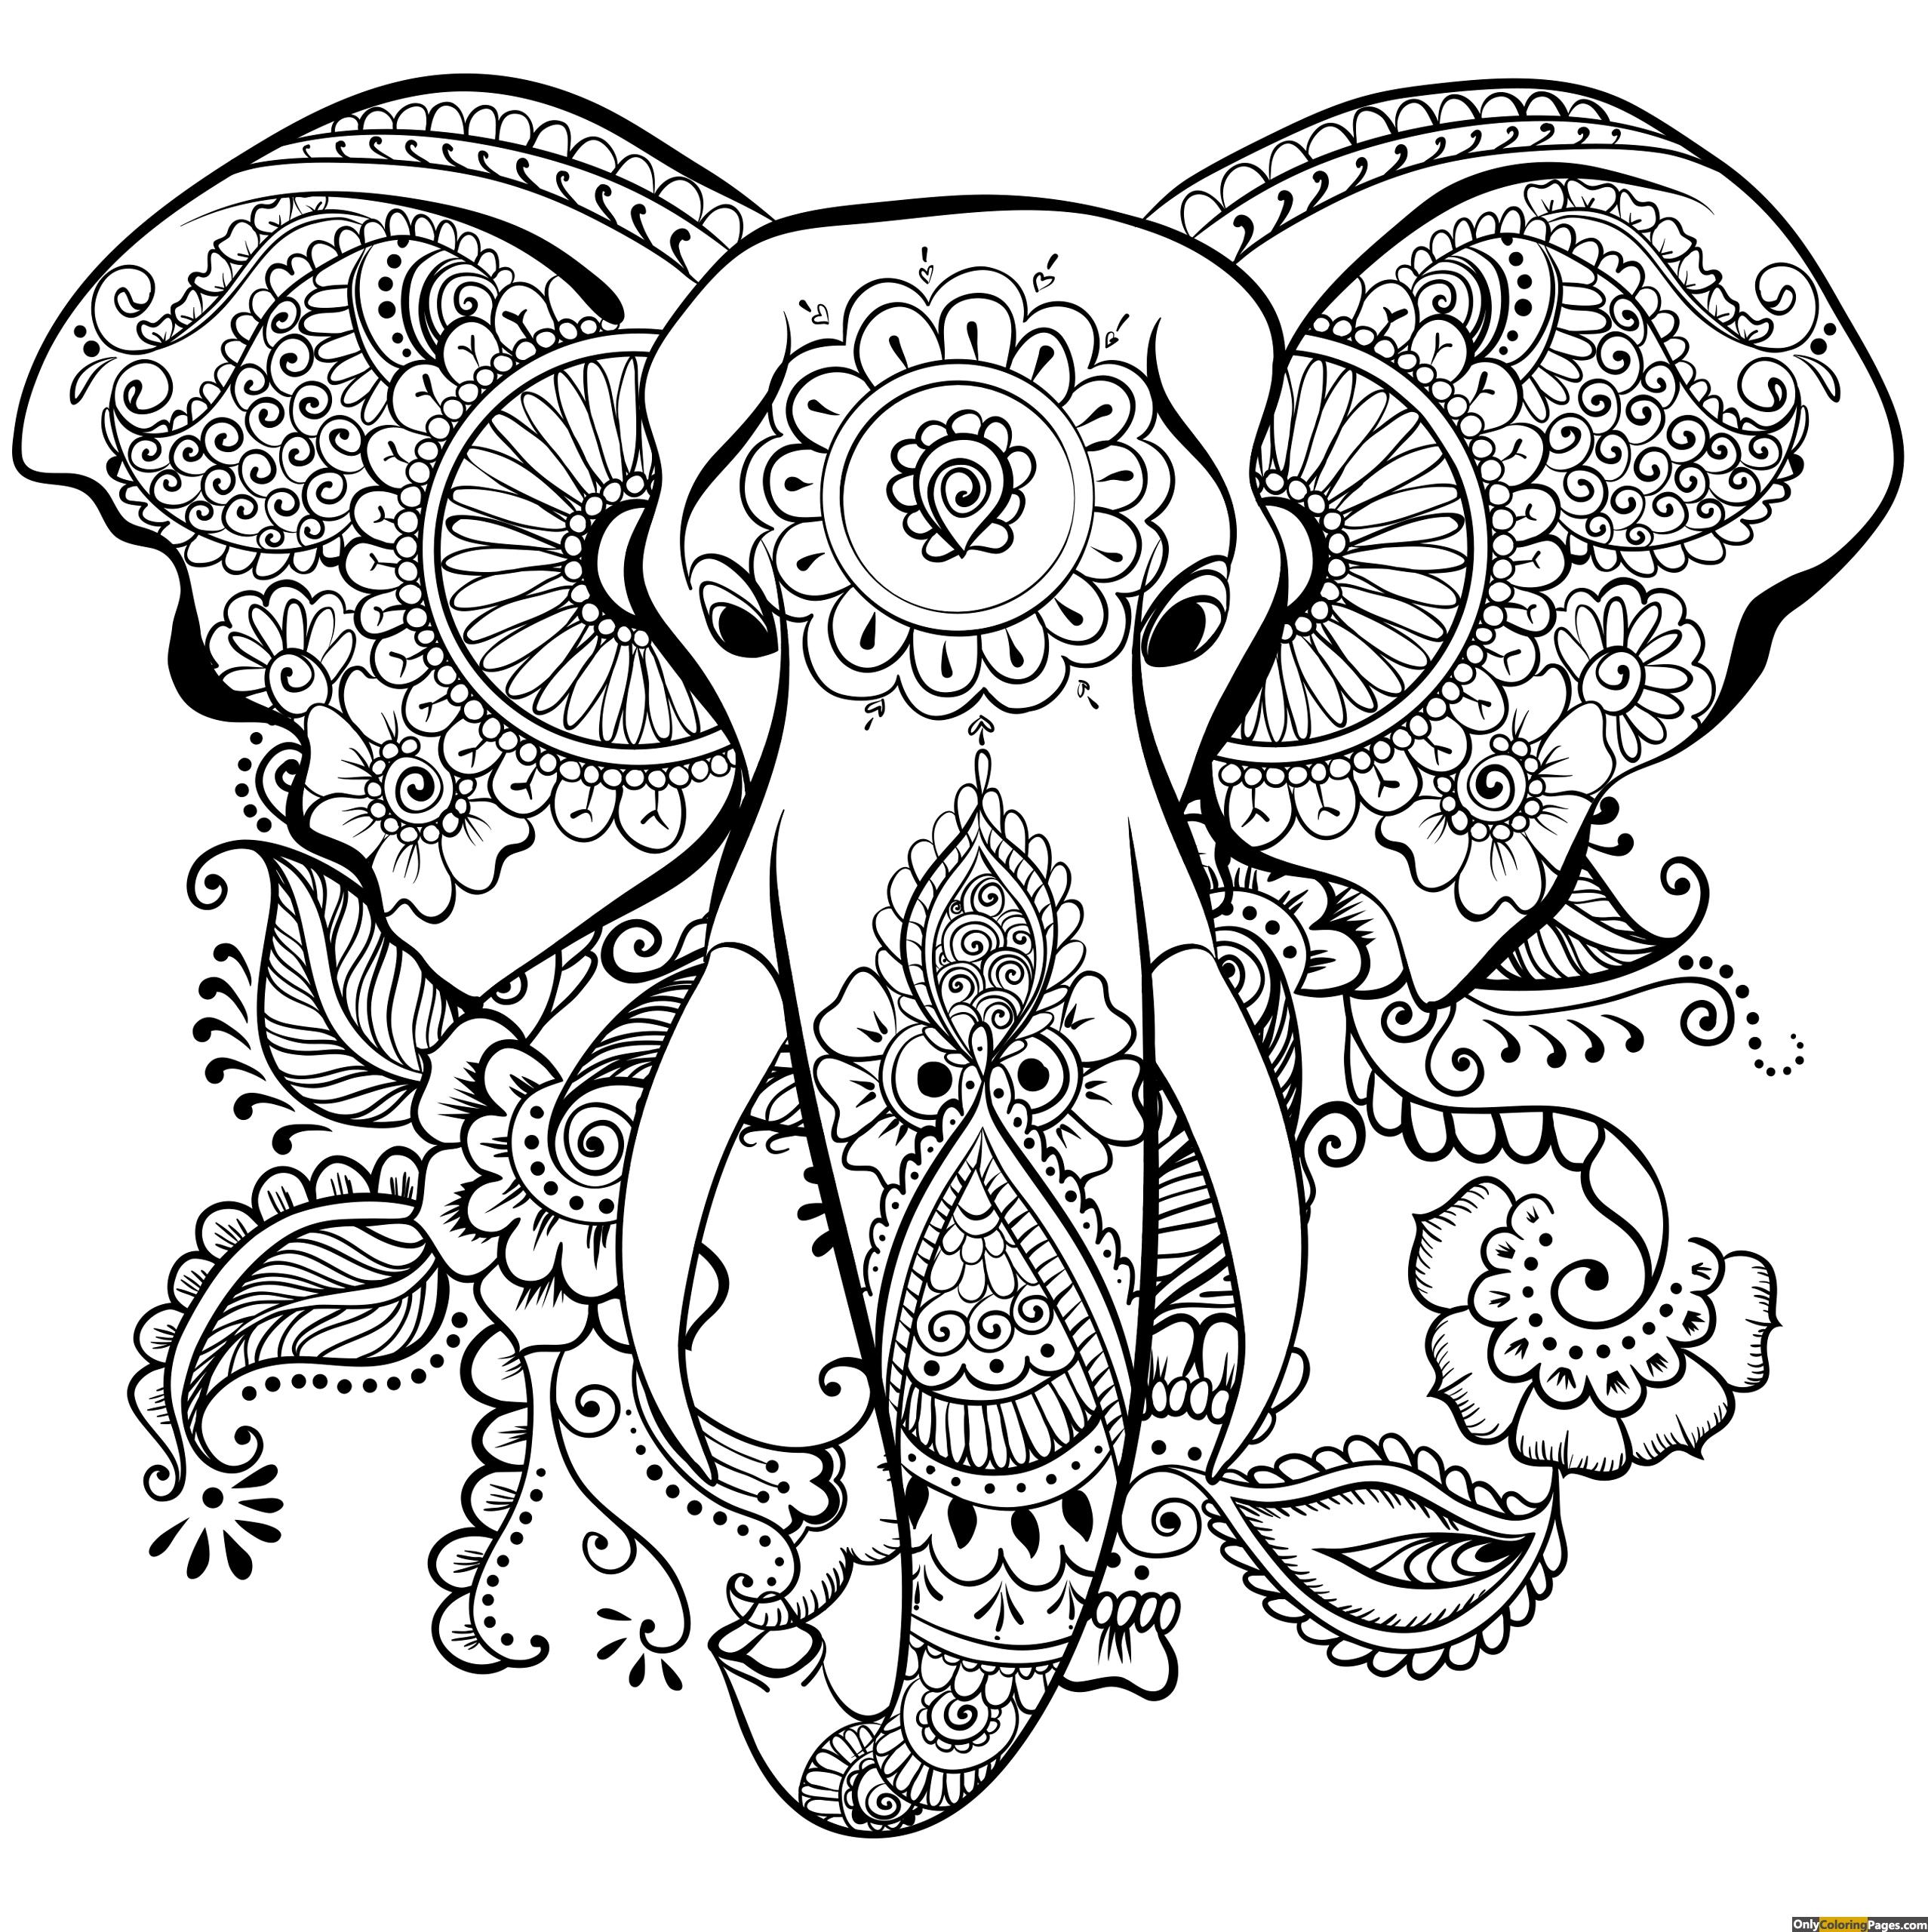 mandela pictures to color 98 best mandela images on pinterest coloring book pictures to mandela color